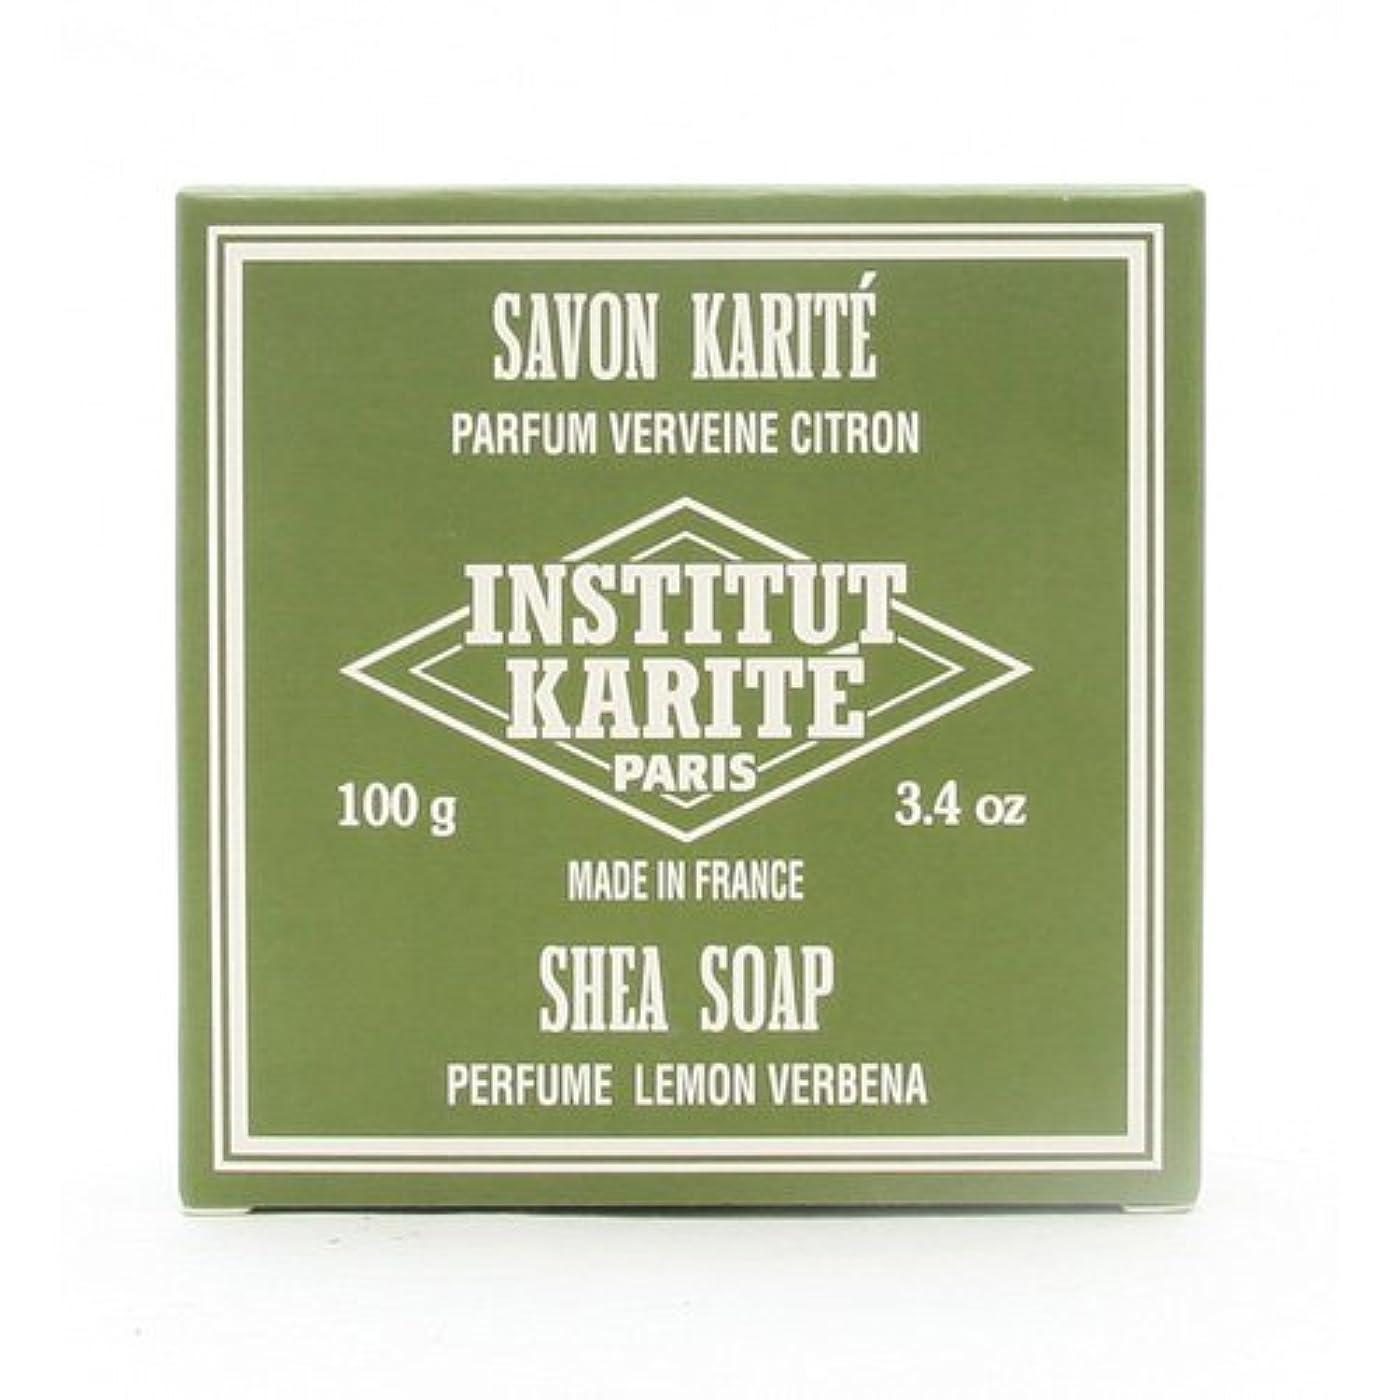 休憩アイドル空のINSTITUT KARITE インスティテュート カリテ 25% Extra Gentle Soap ジェントルソープ 100g Lemon Vervenaレモンバーベナ